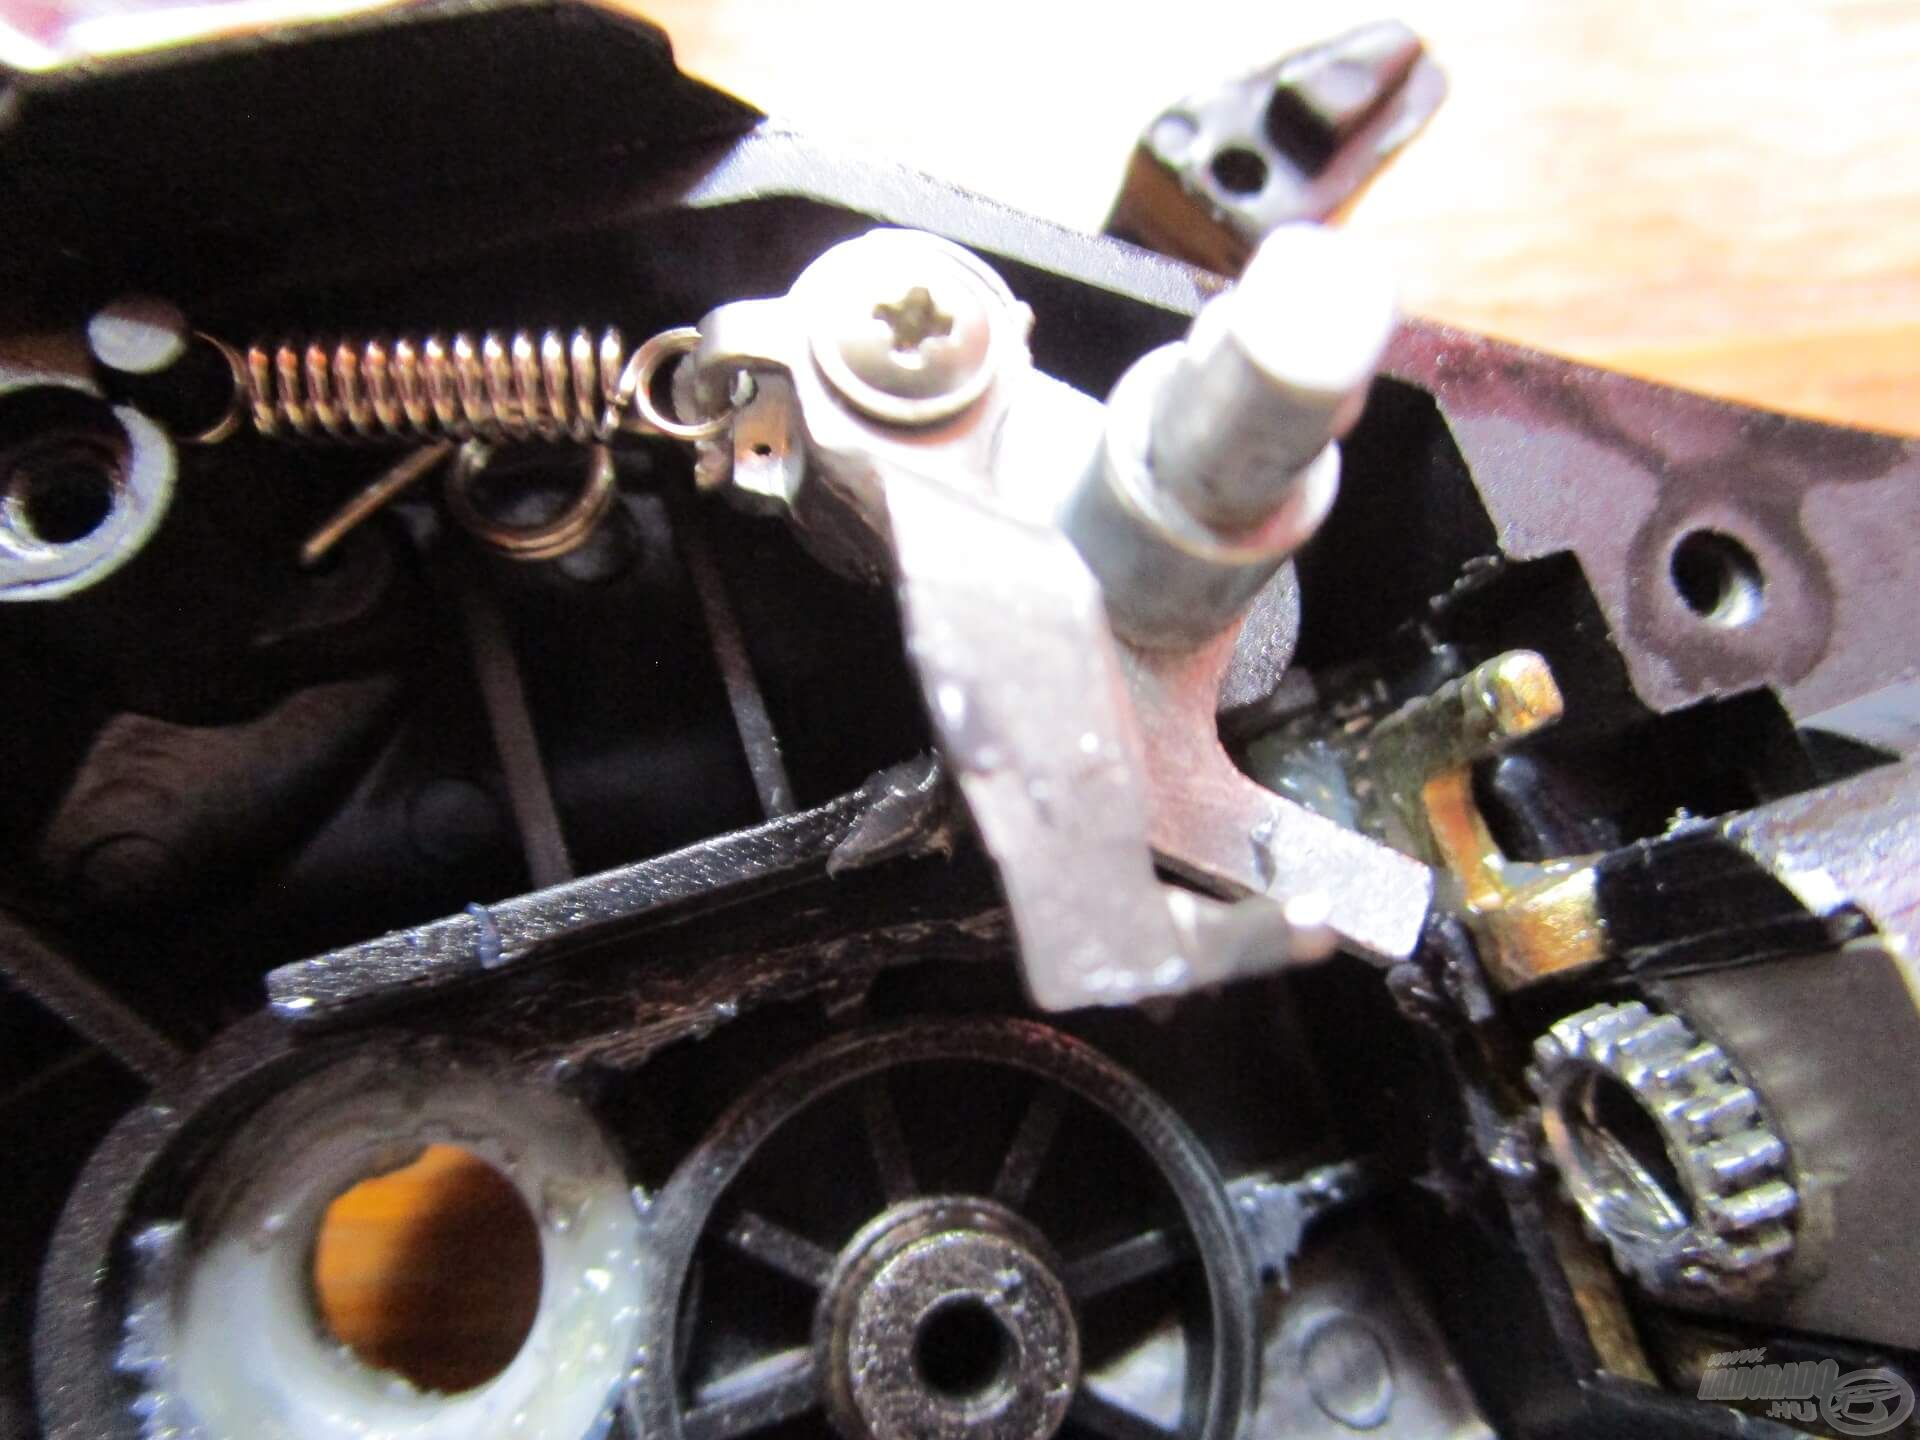 A nyeletőfék kapcsolójába egy erős torziós rugót építenek, hogy jól bírja az ide-oda csattogtatást